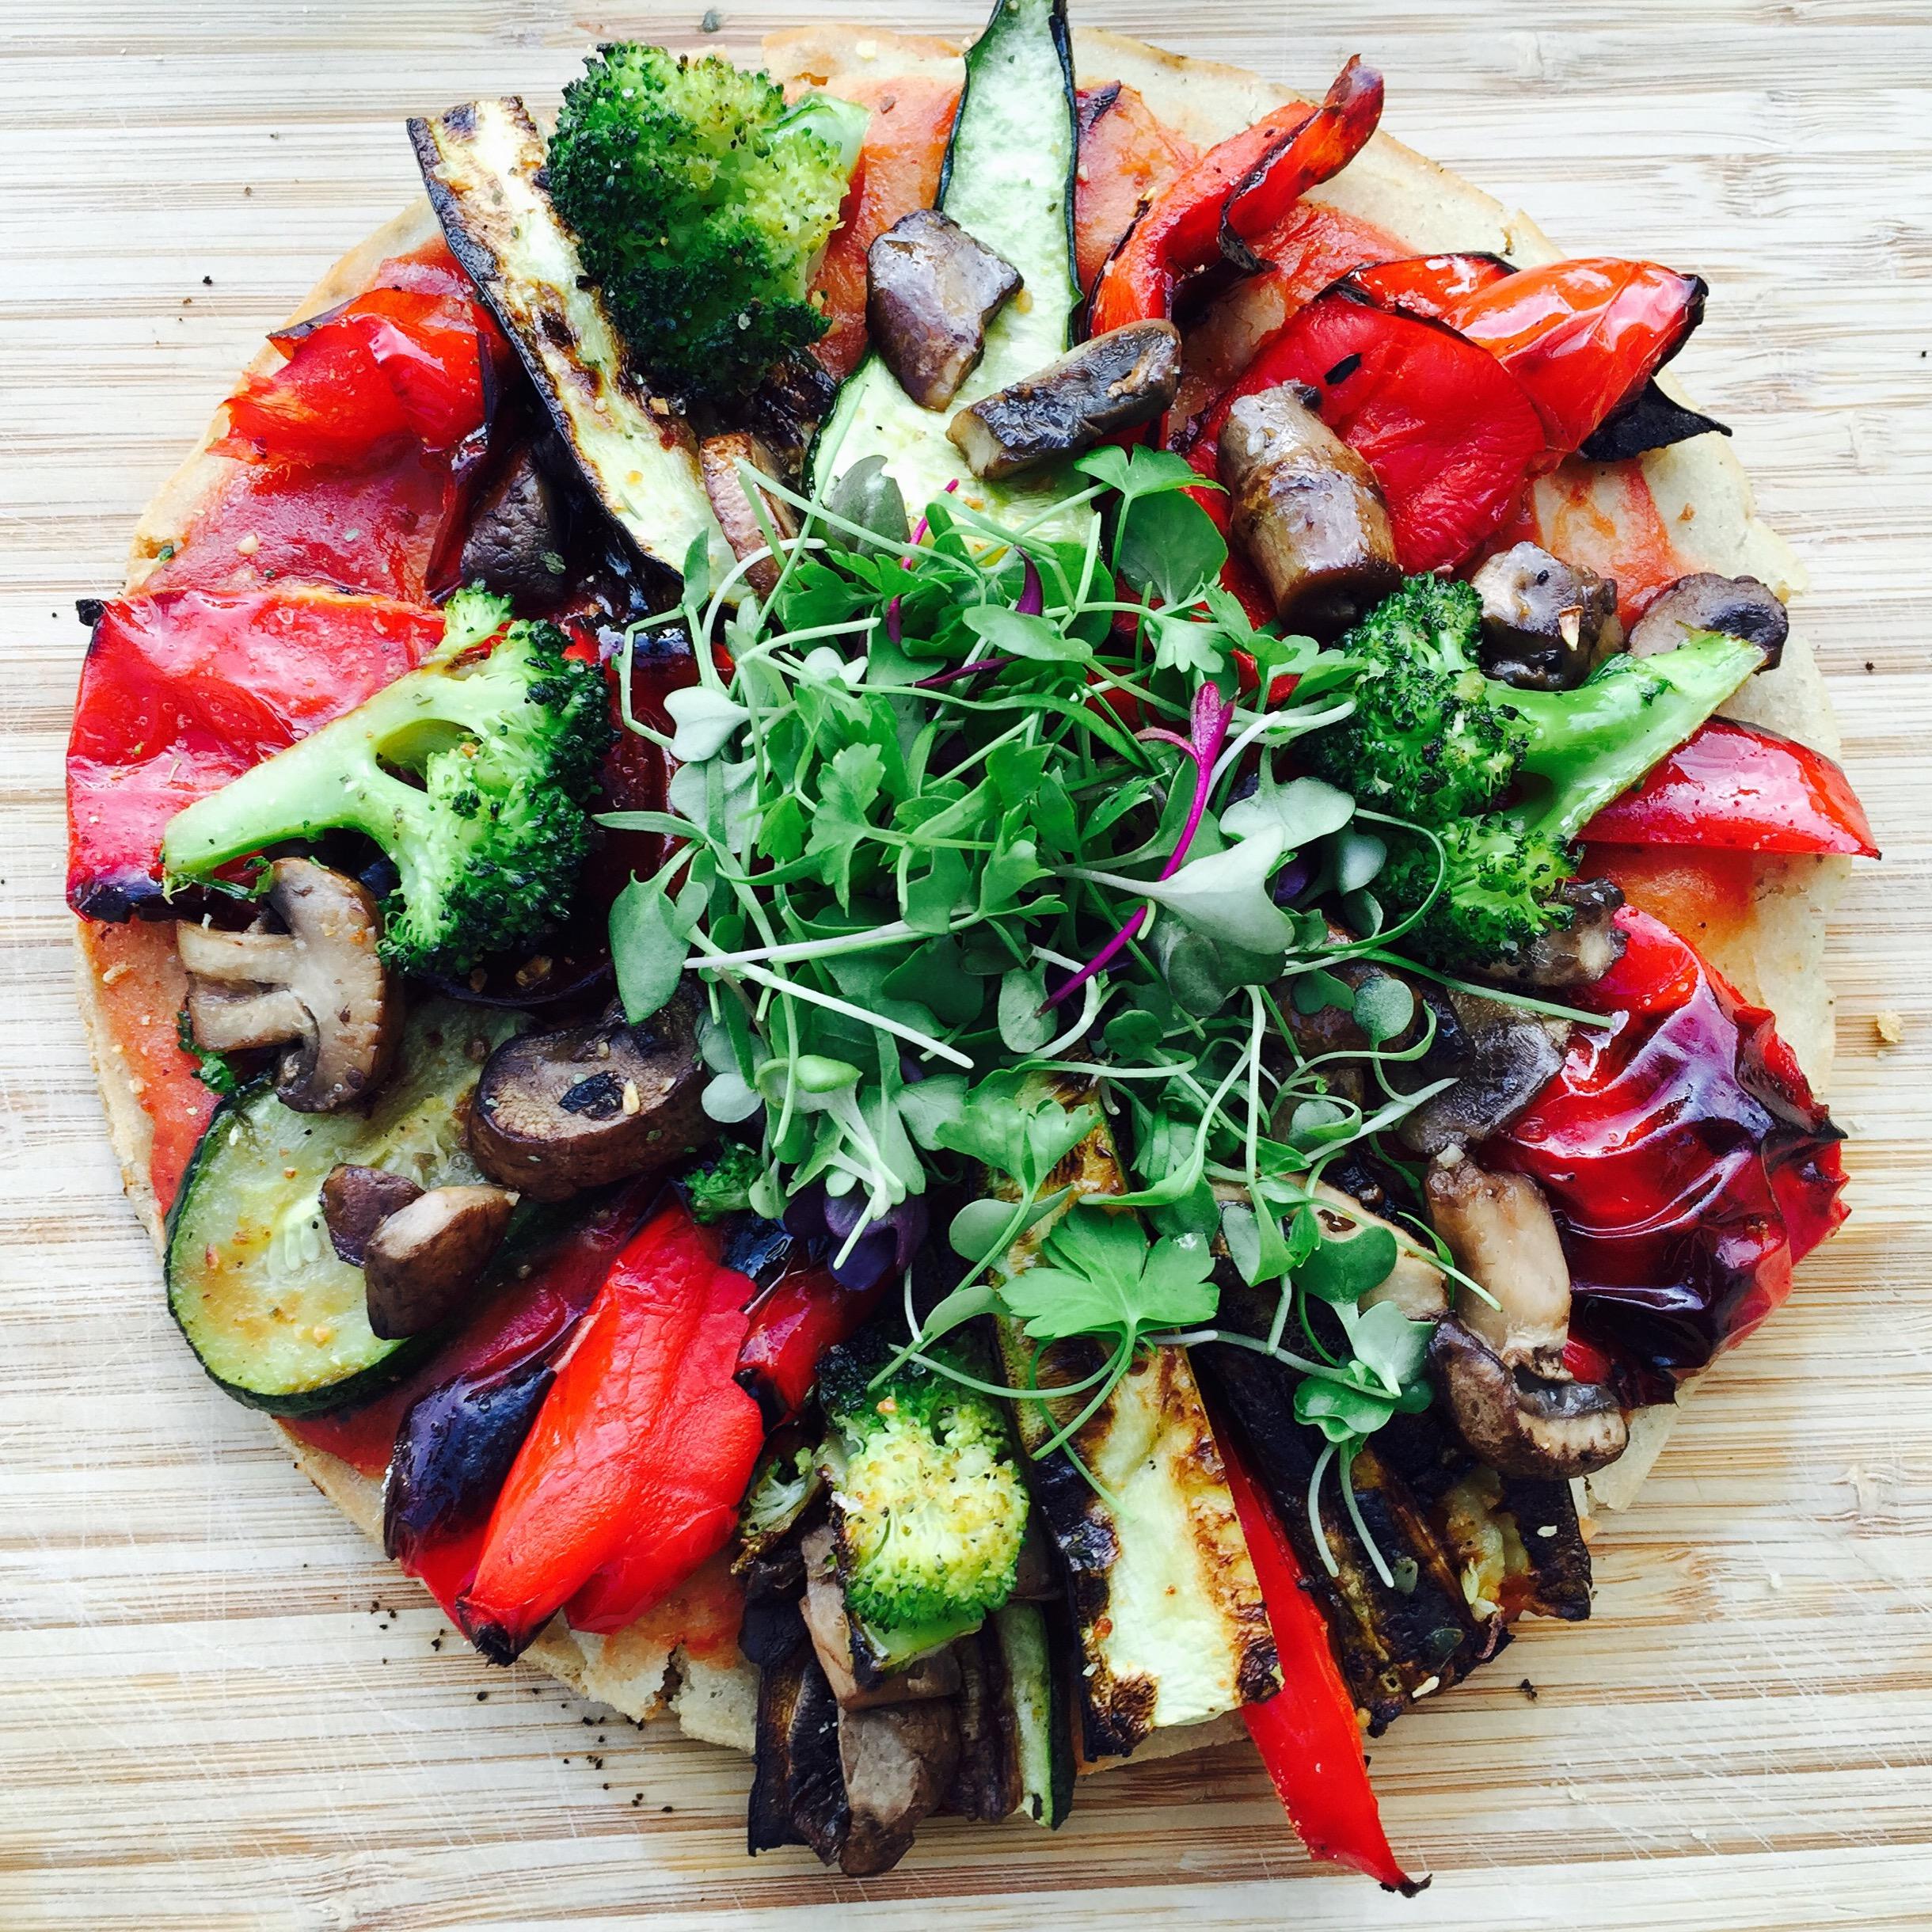 Pizza by Lisa copy.JPG